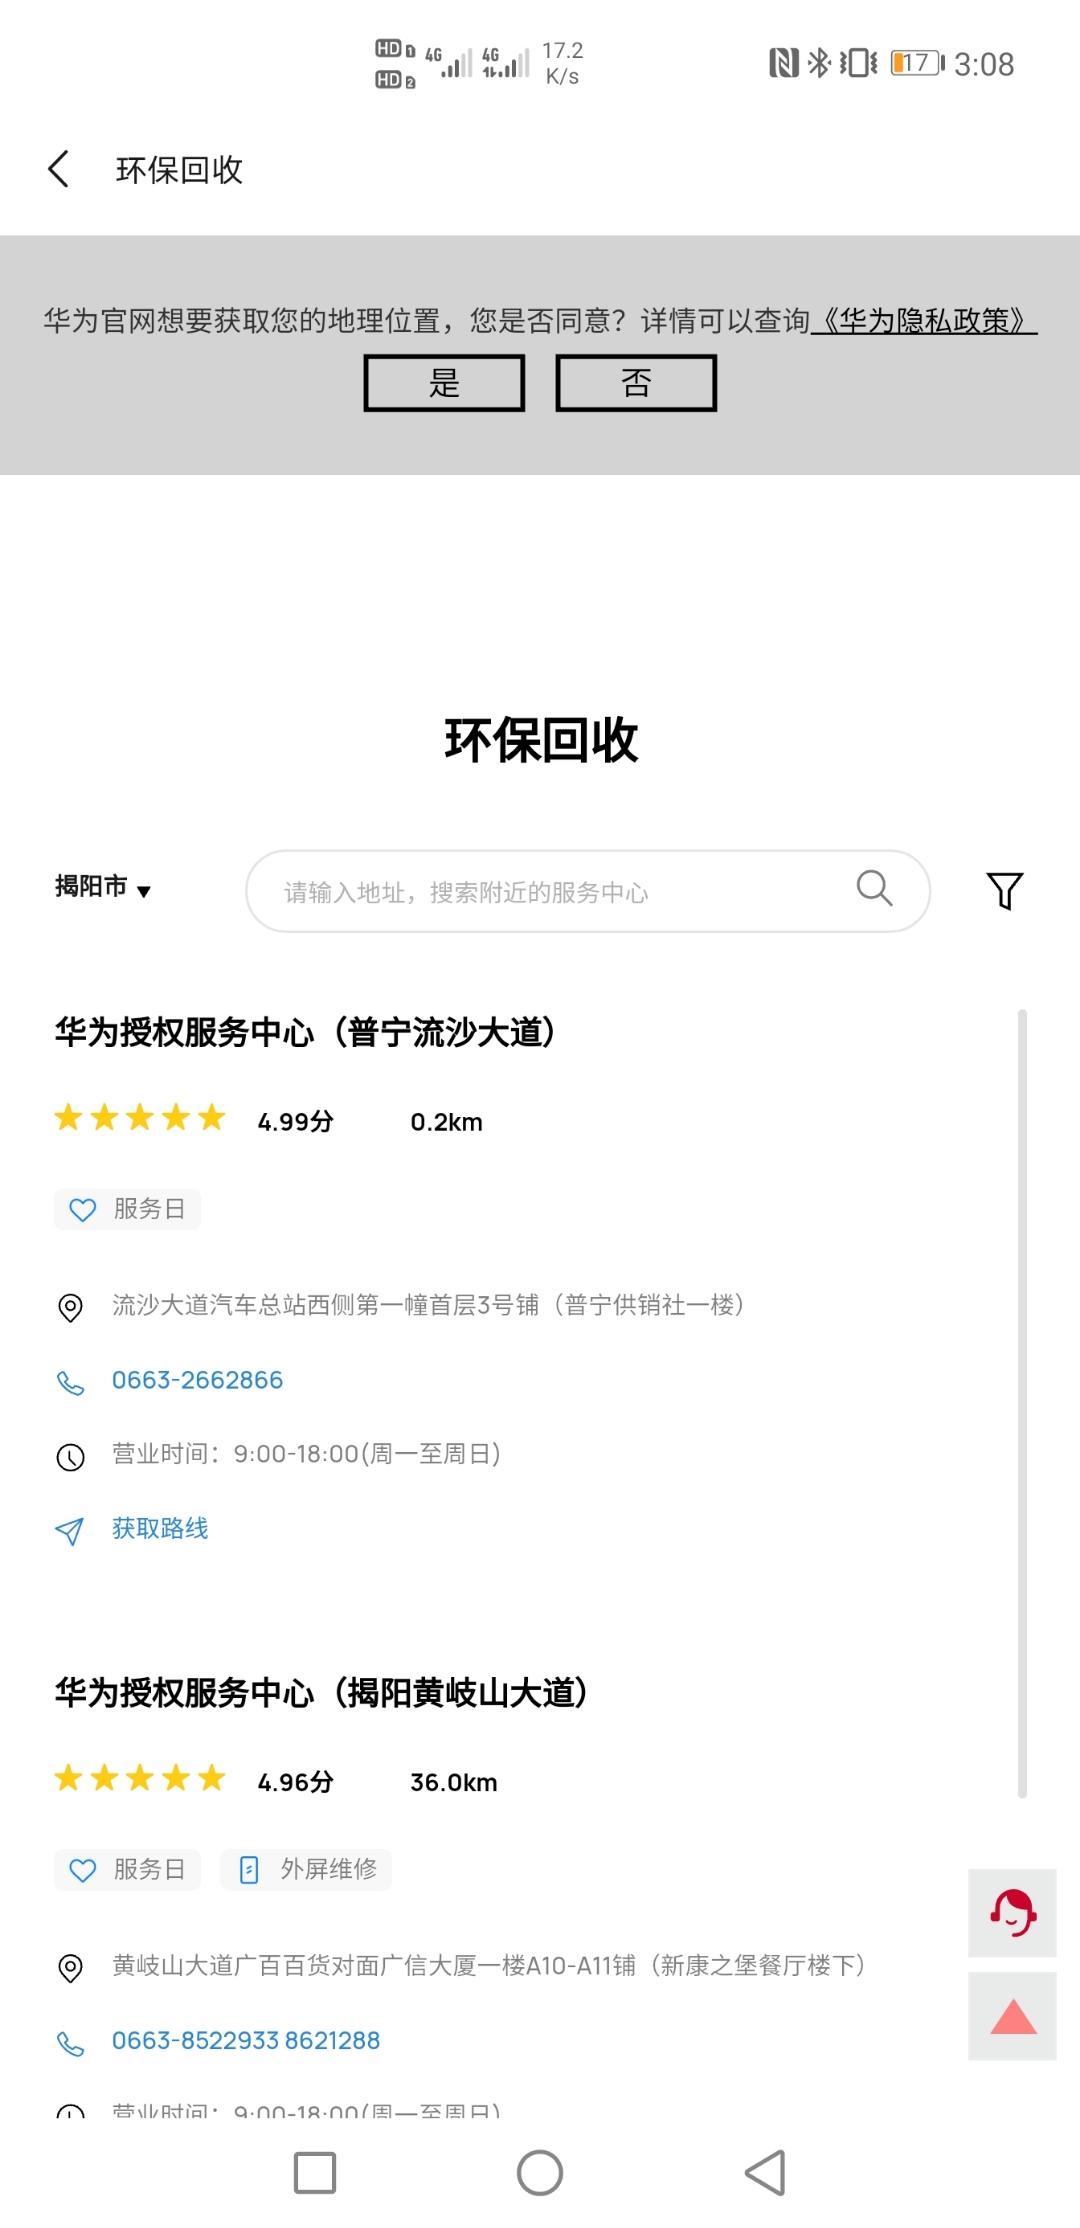 Screenshot_20210408_030816_com.huawei.fans.jpg